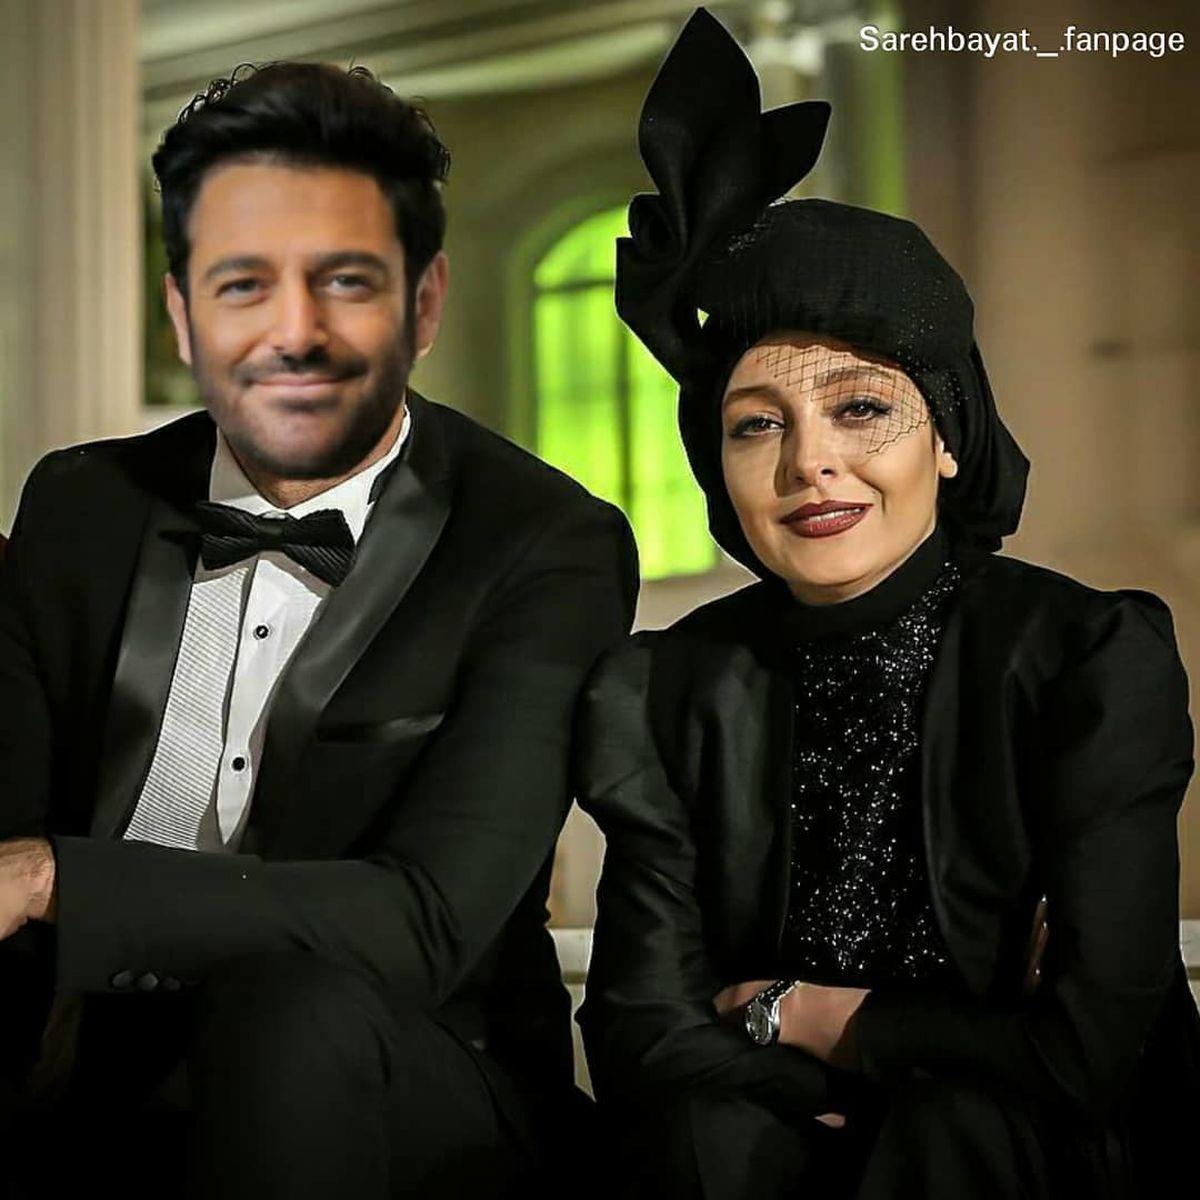 محمدرضا گلزار در کنار ساره بیات